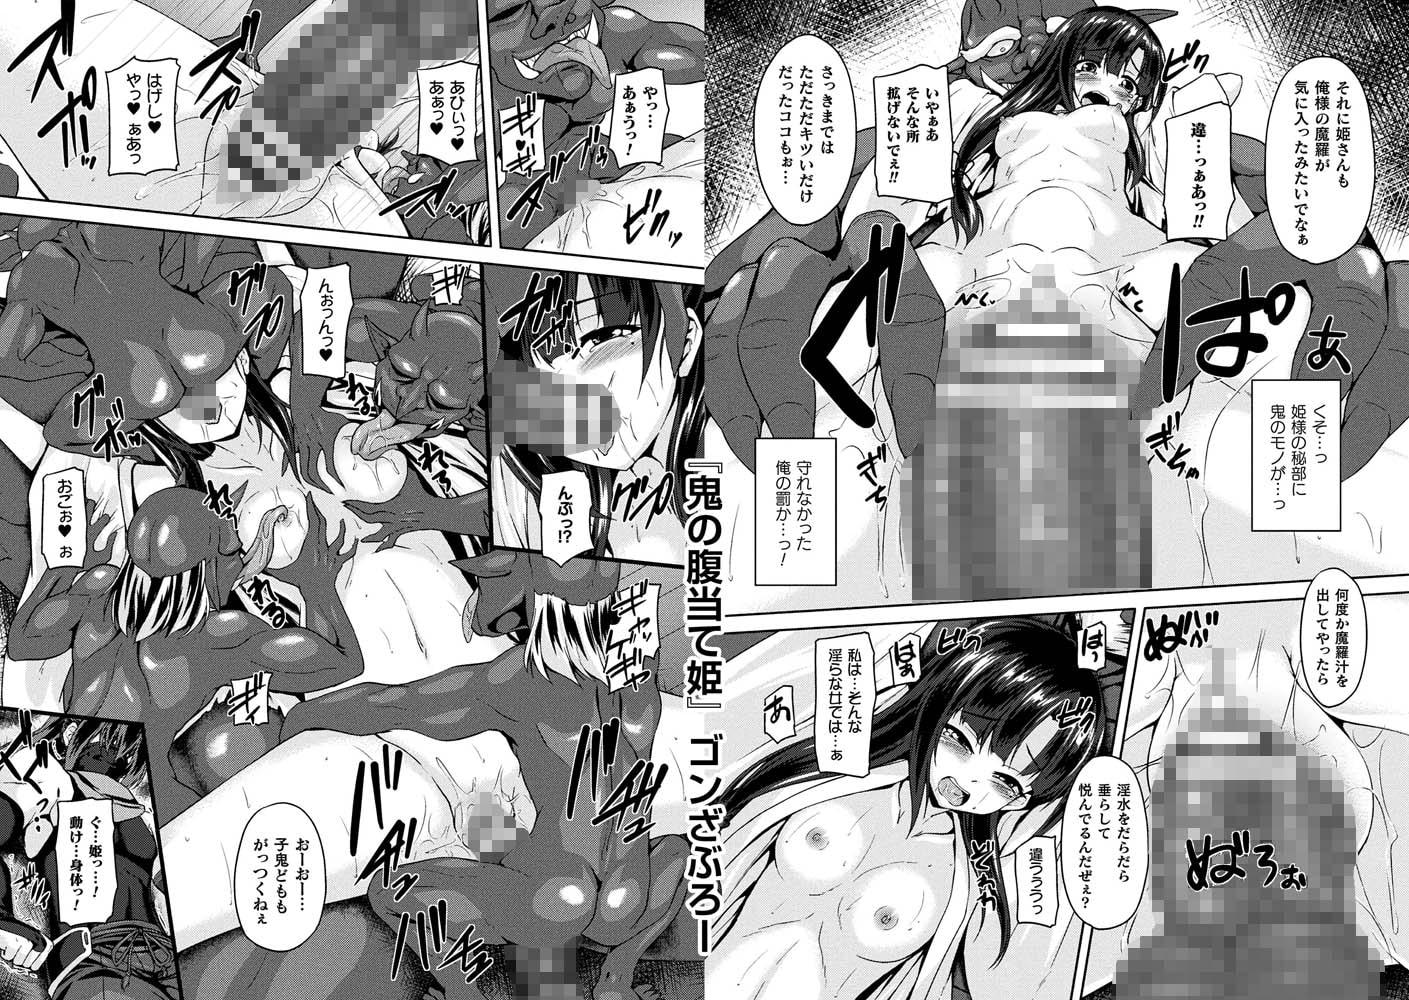 二次元コミックマガジン 肉鎧になった女たちVol.1